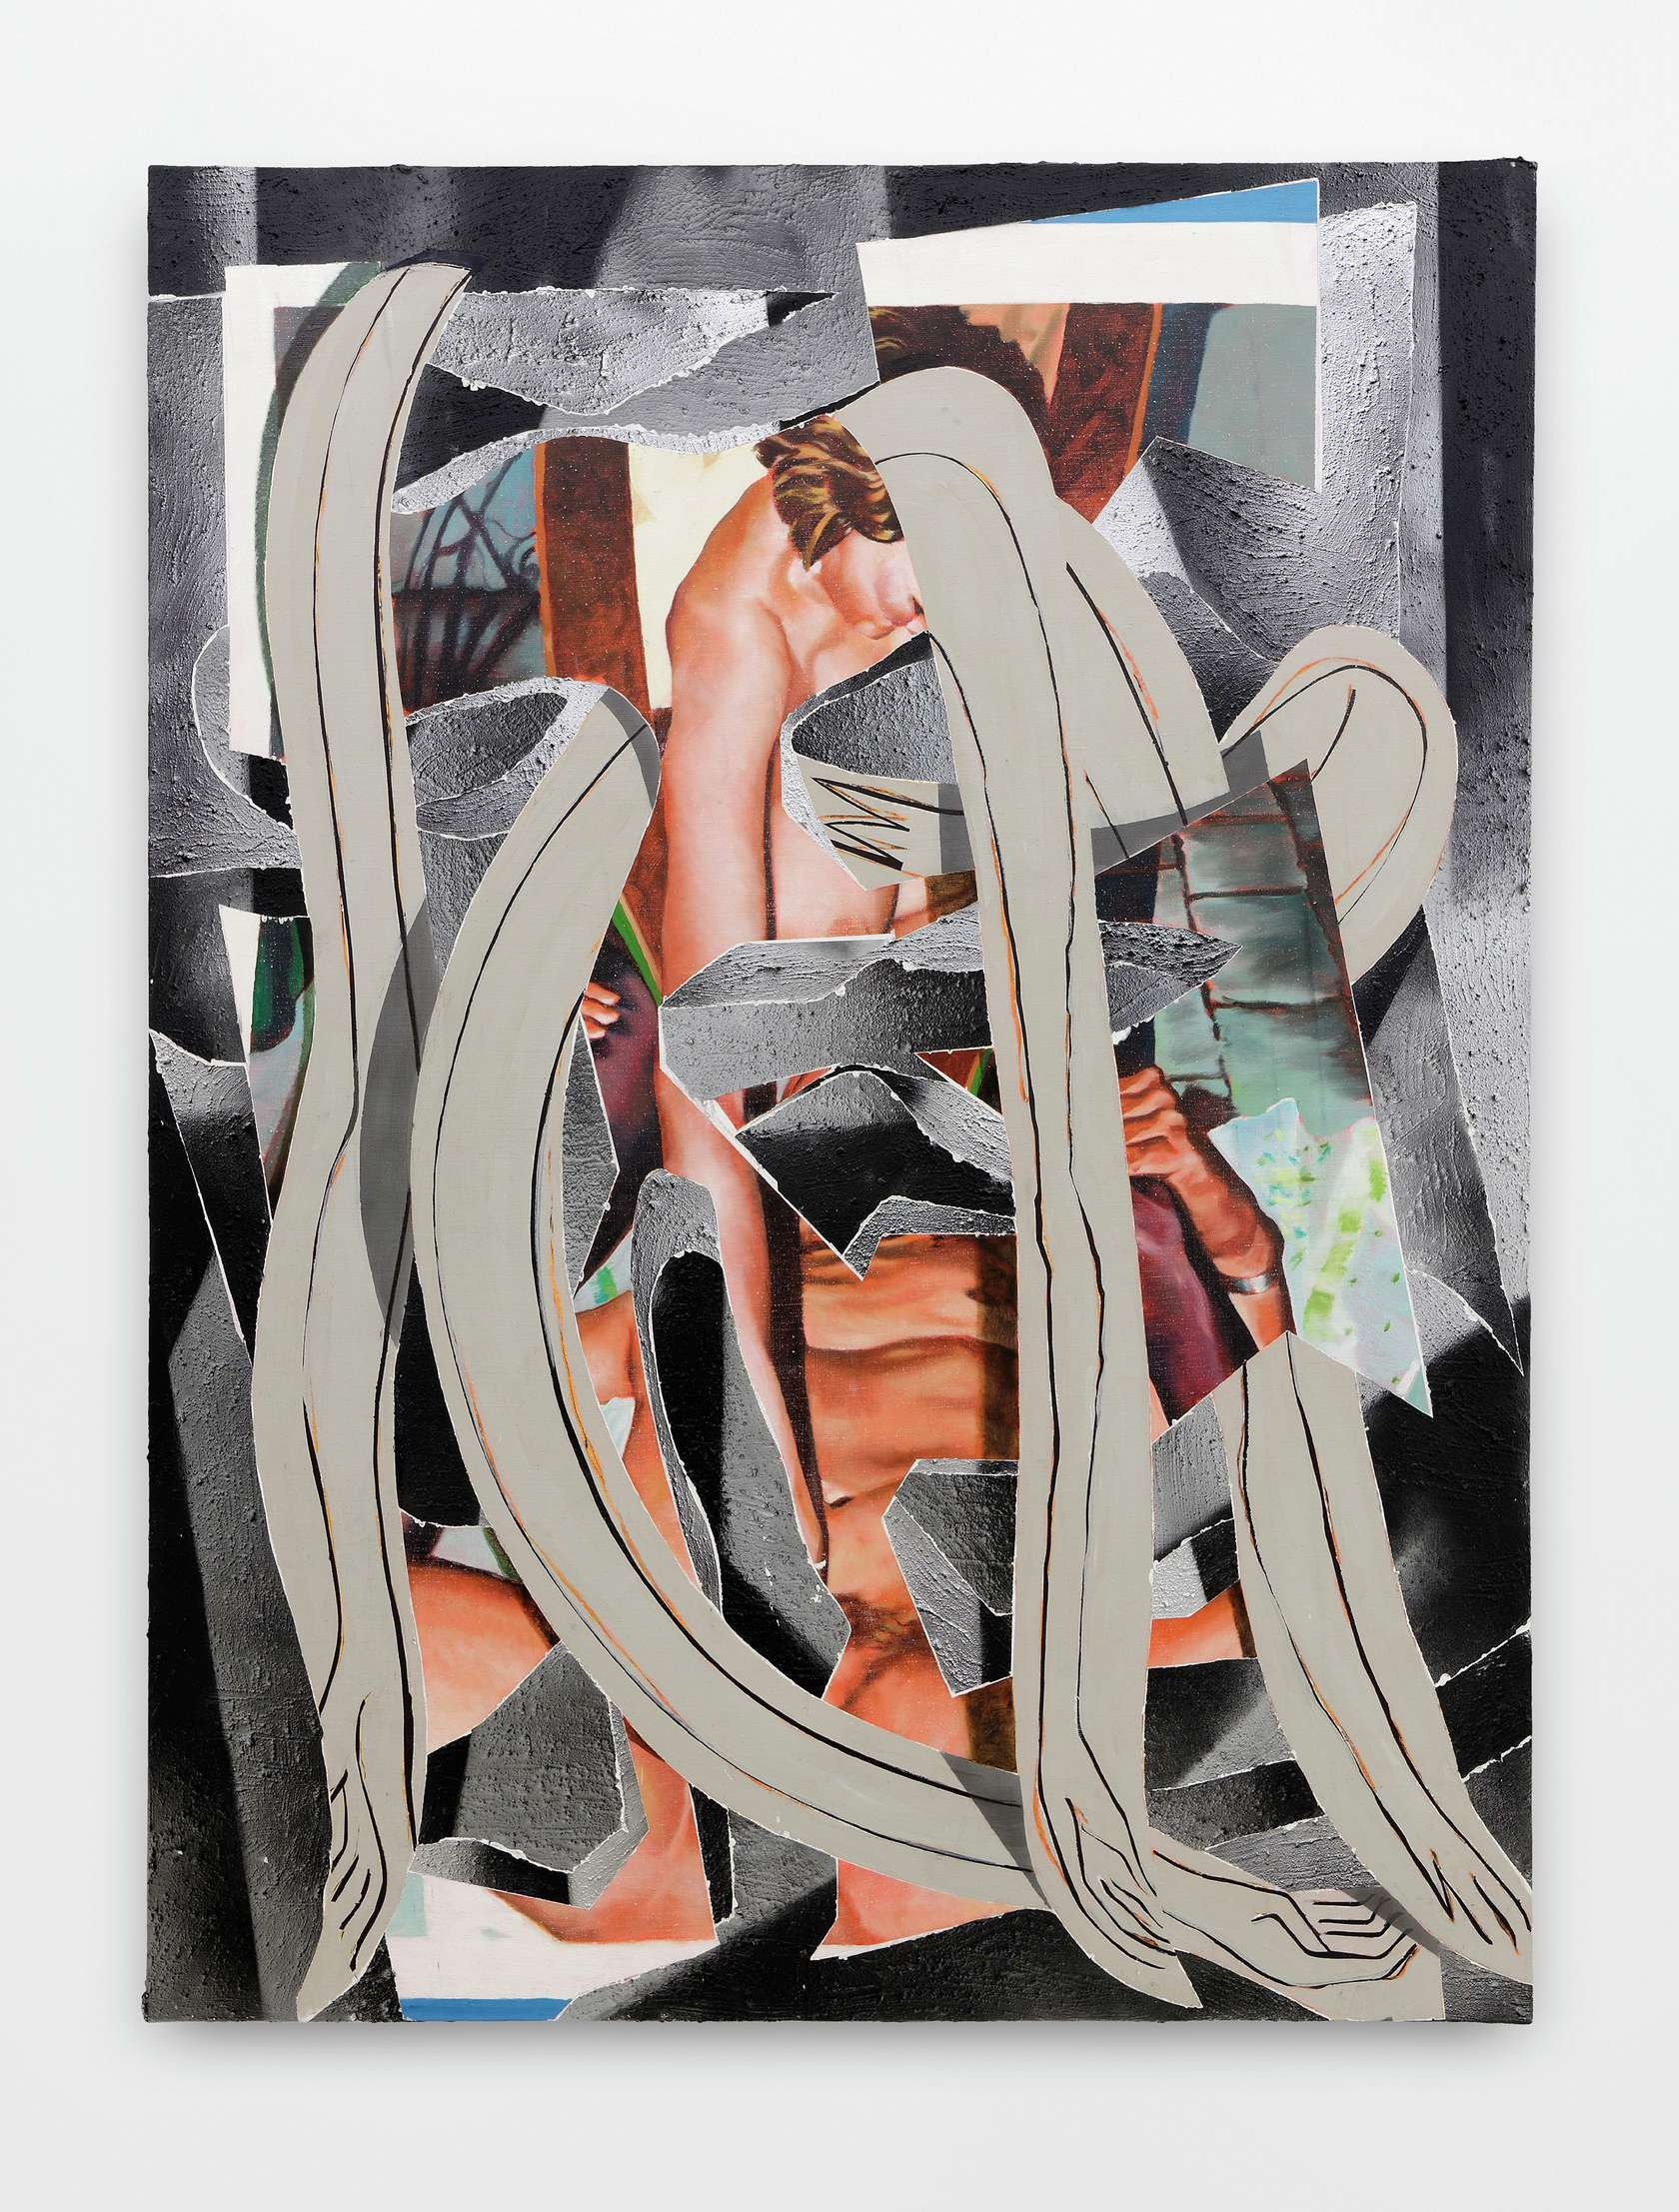 Laurent Proux, Couple I, 2016 Huile sur toile174 x 130 cm / 68 1/2 x 51 1/8 inches